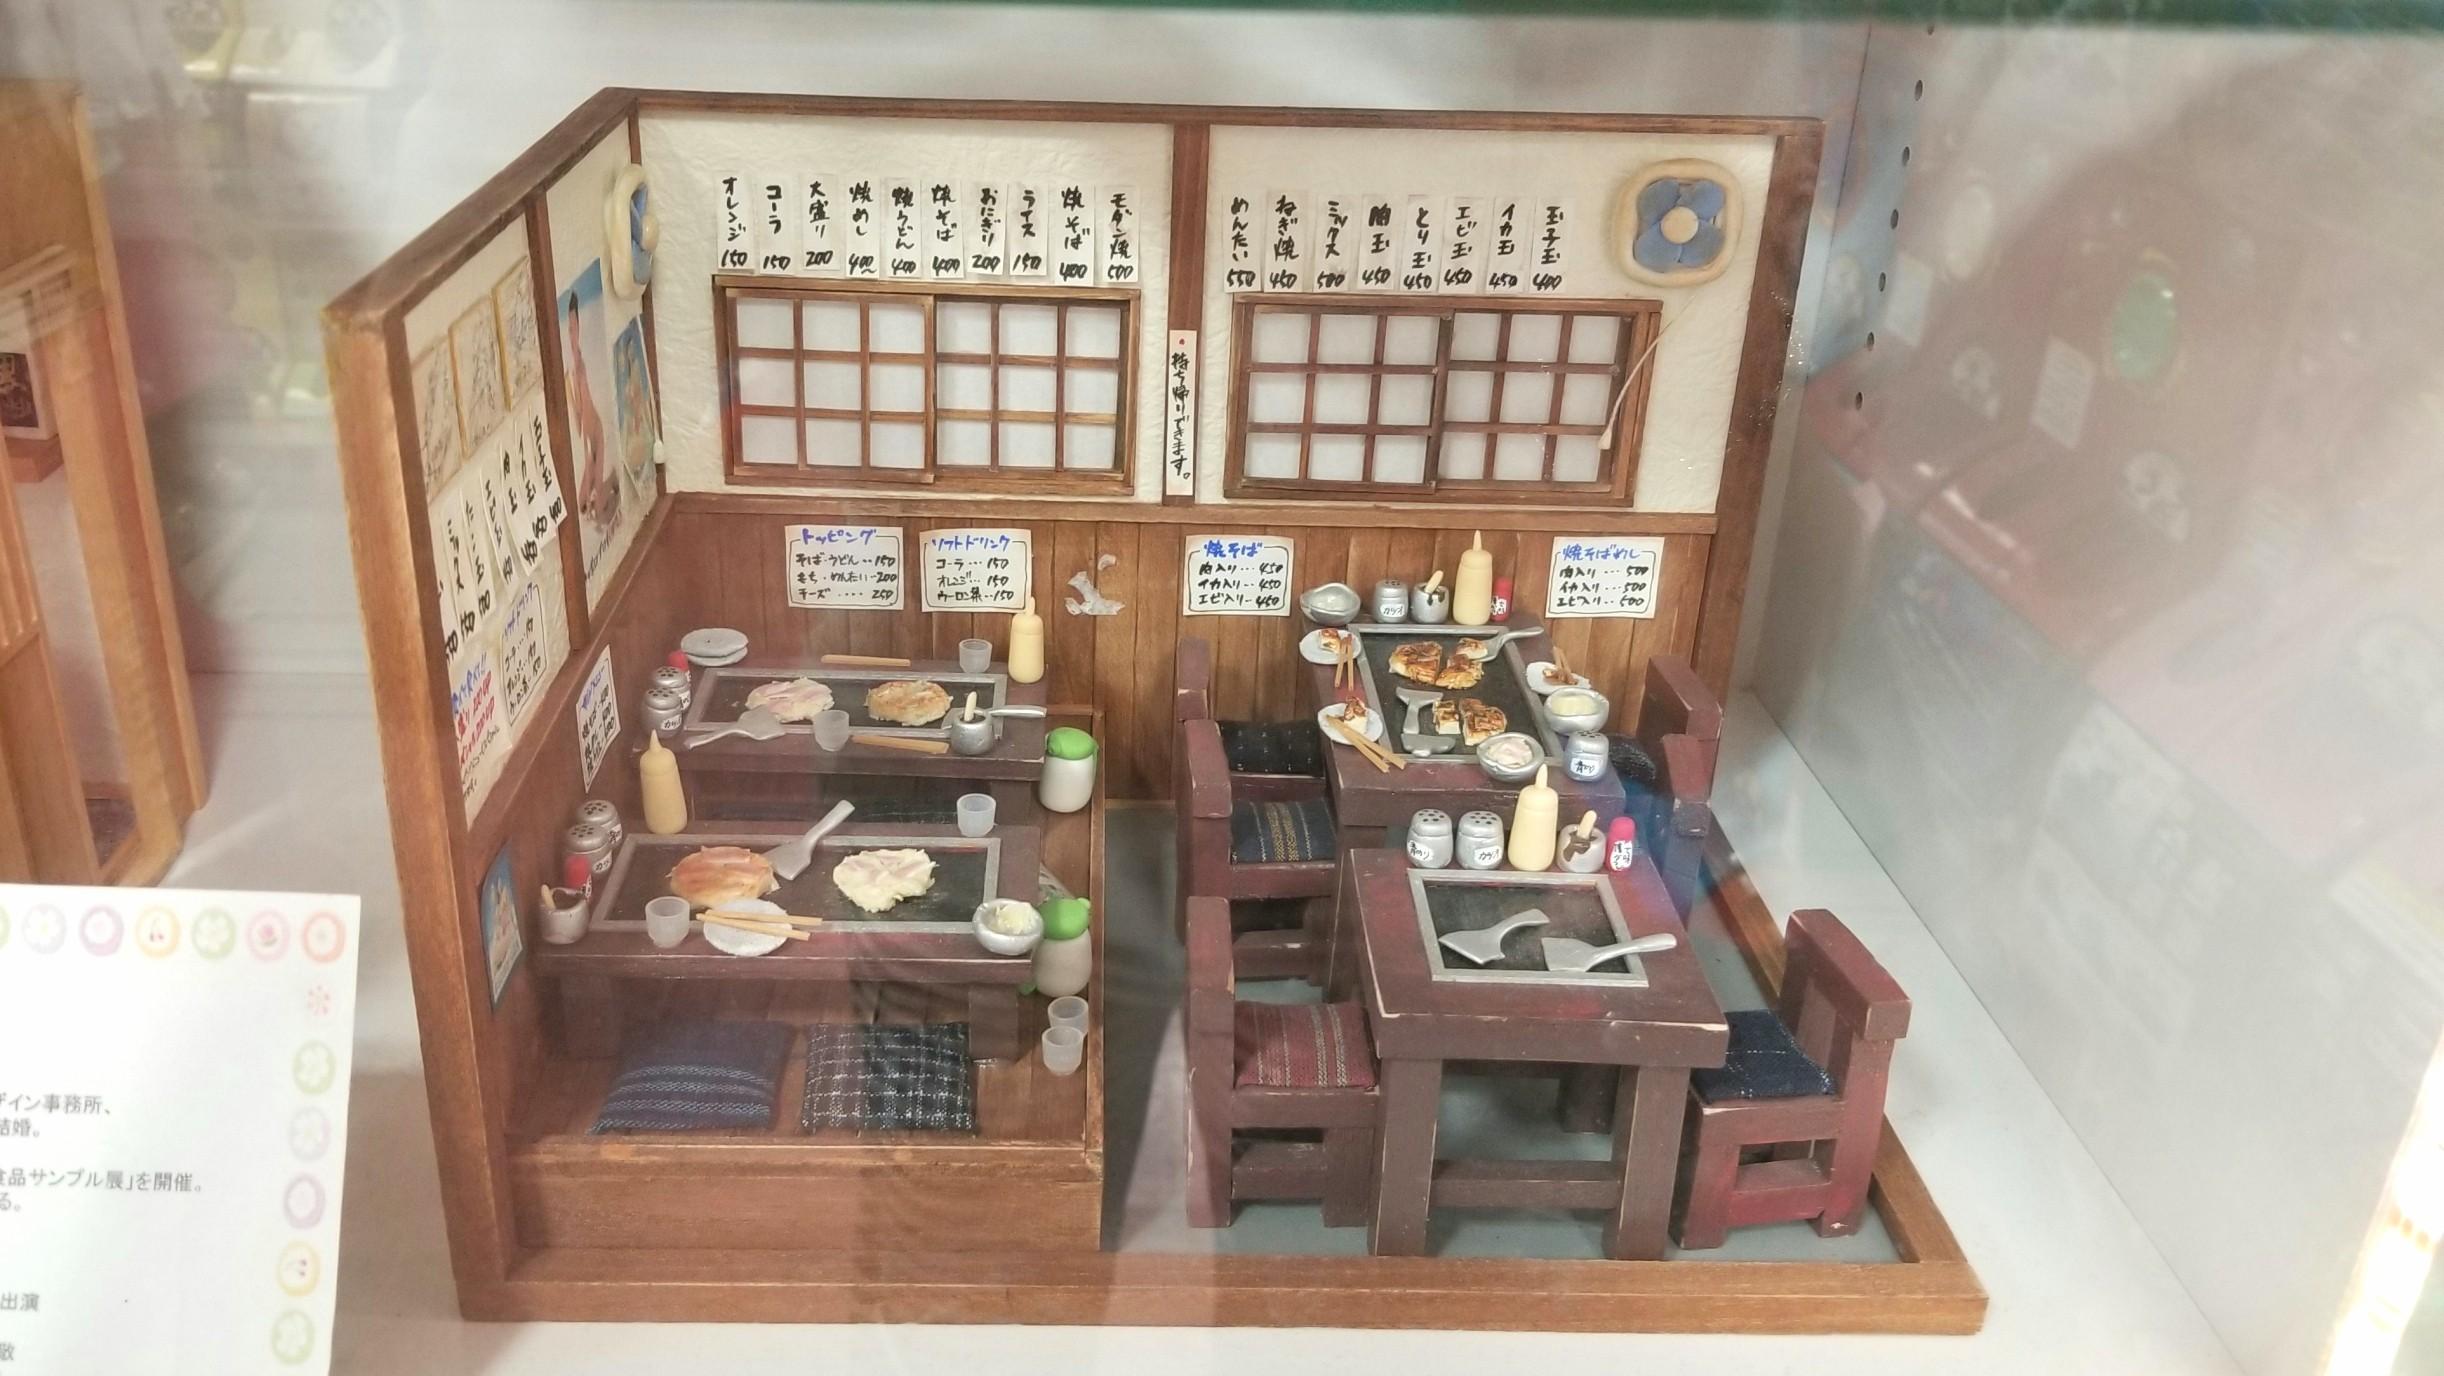 ミニチュア,粘土,お好み焼き屋さん,ドールハウス,人形,ジオラマ